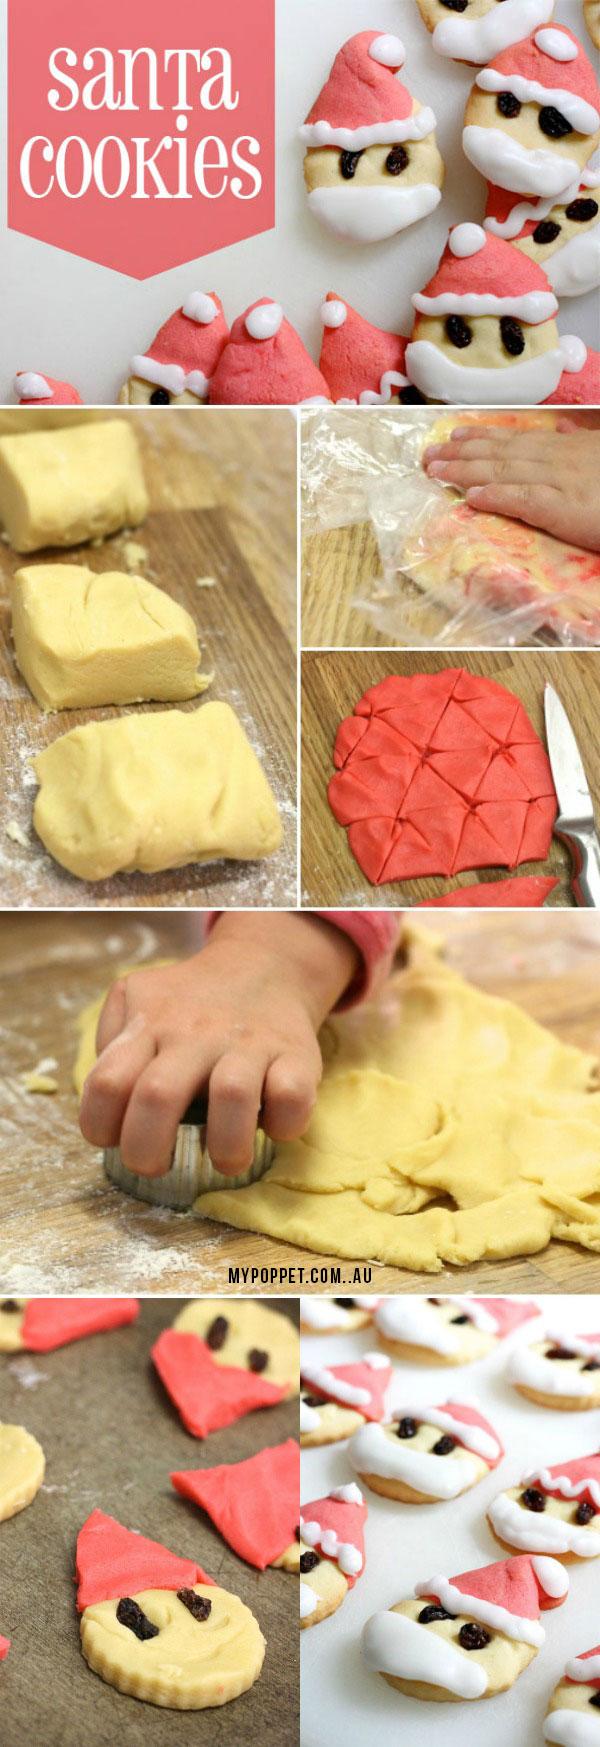 Santa Cookie recipe - mypoppet.com.au